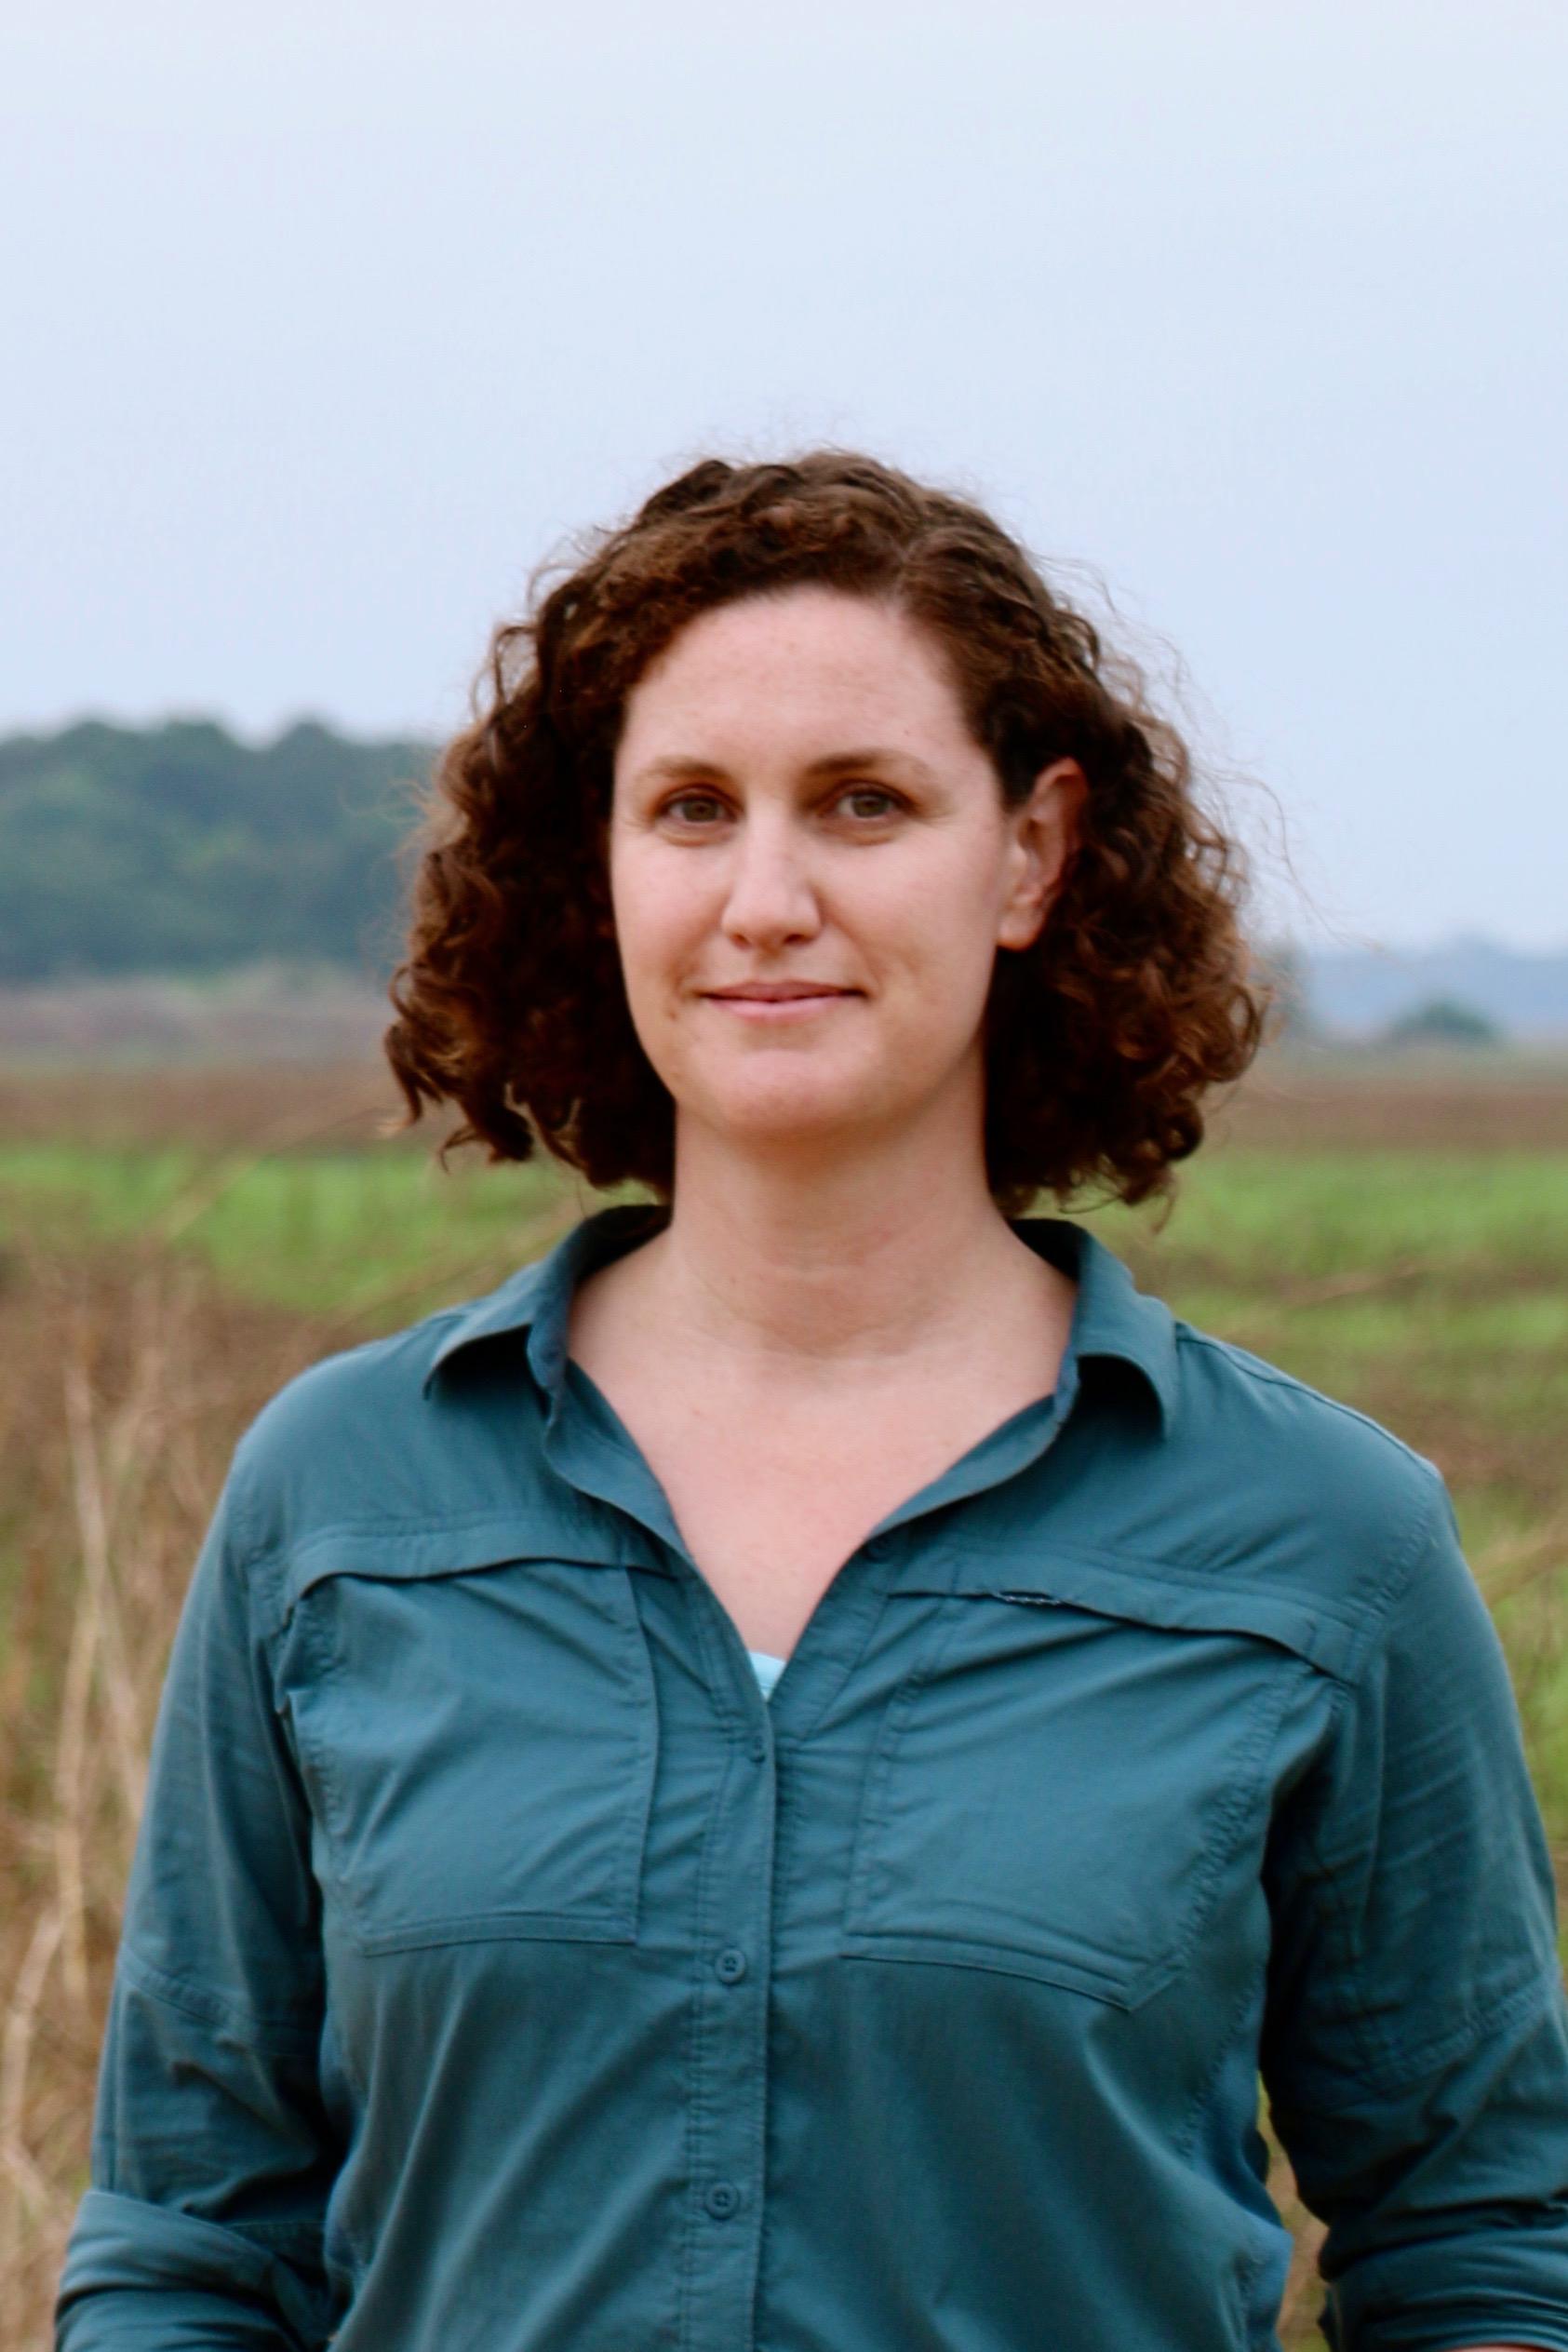 Alexandra Rosati : Assistant Professor